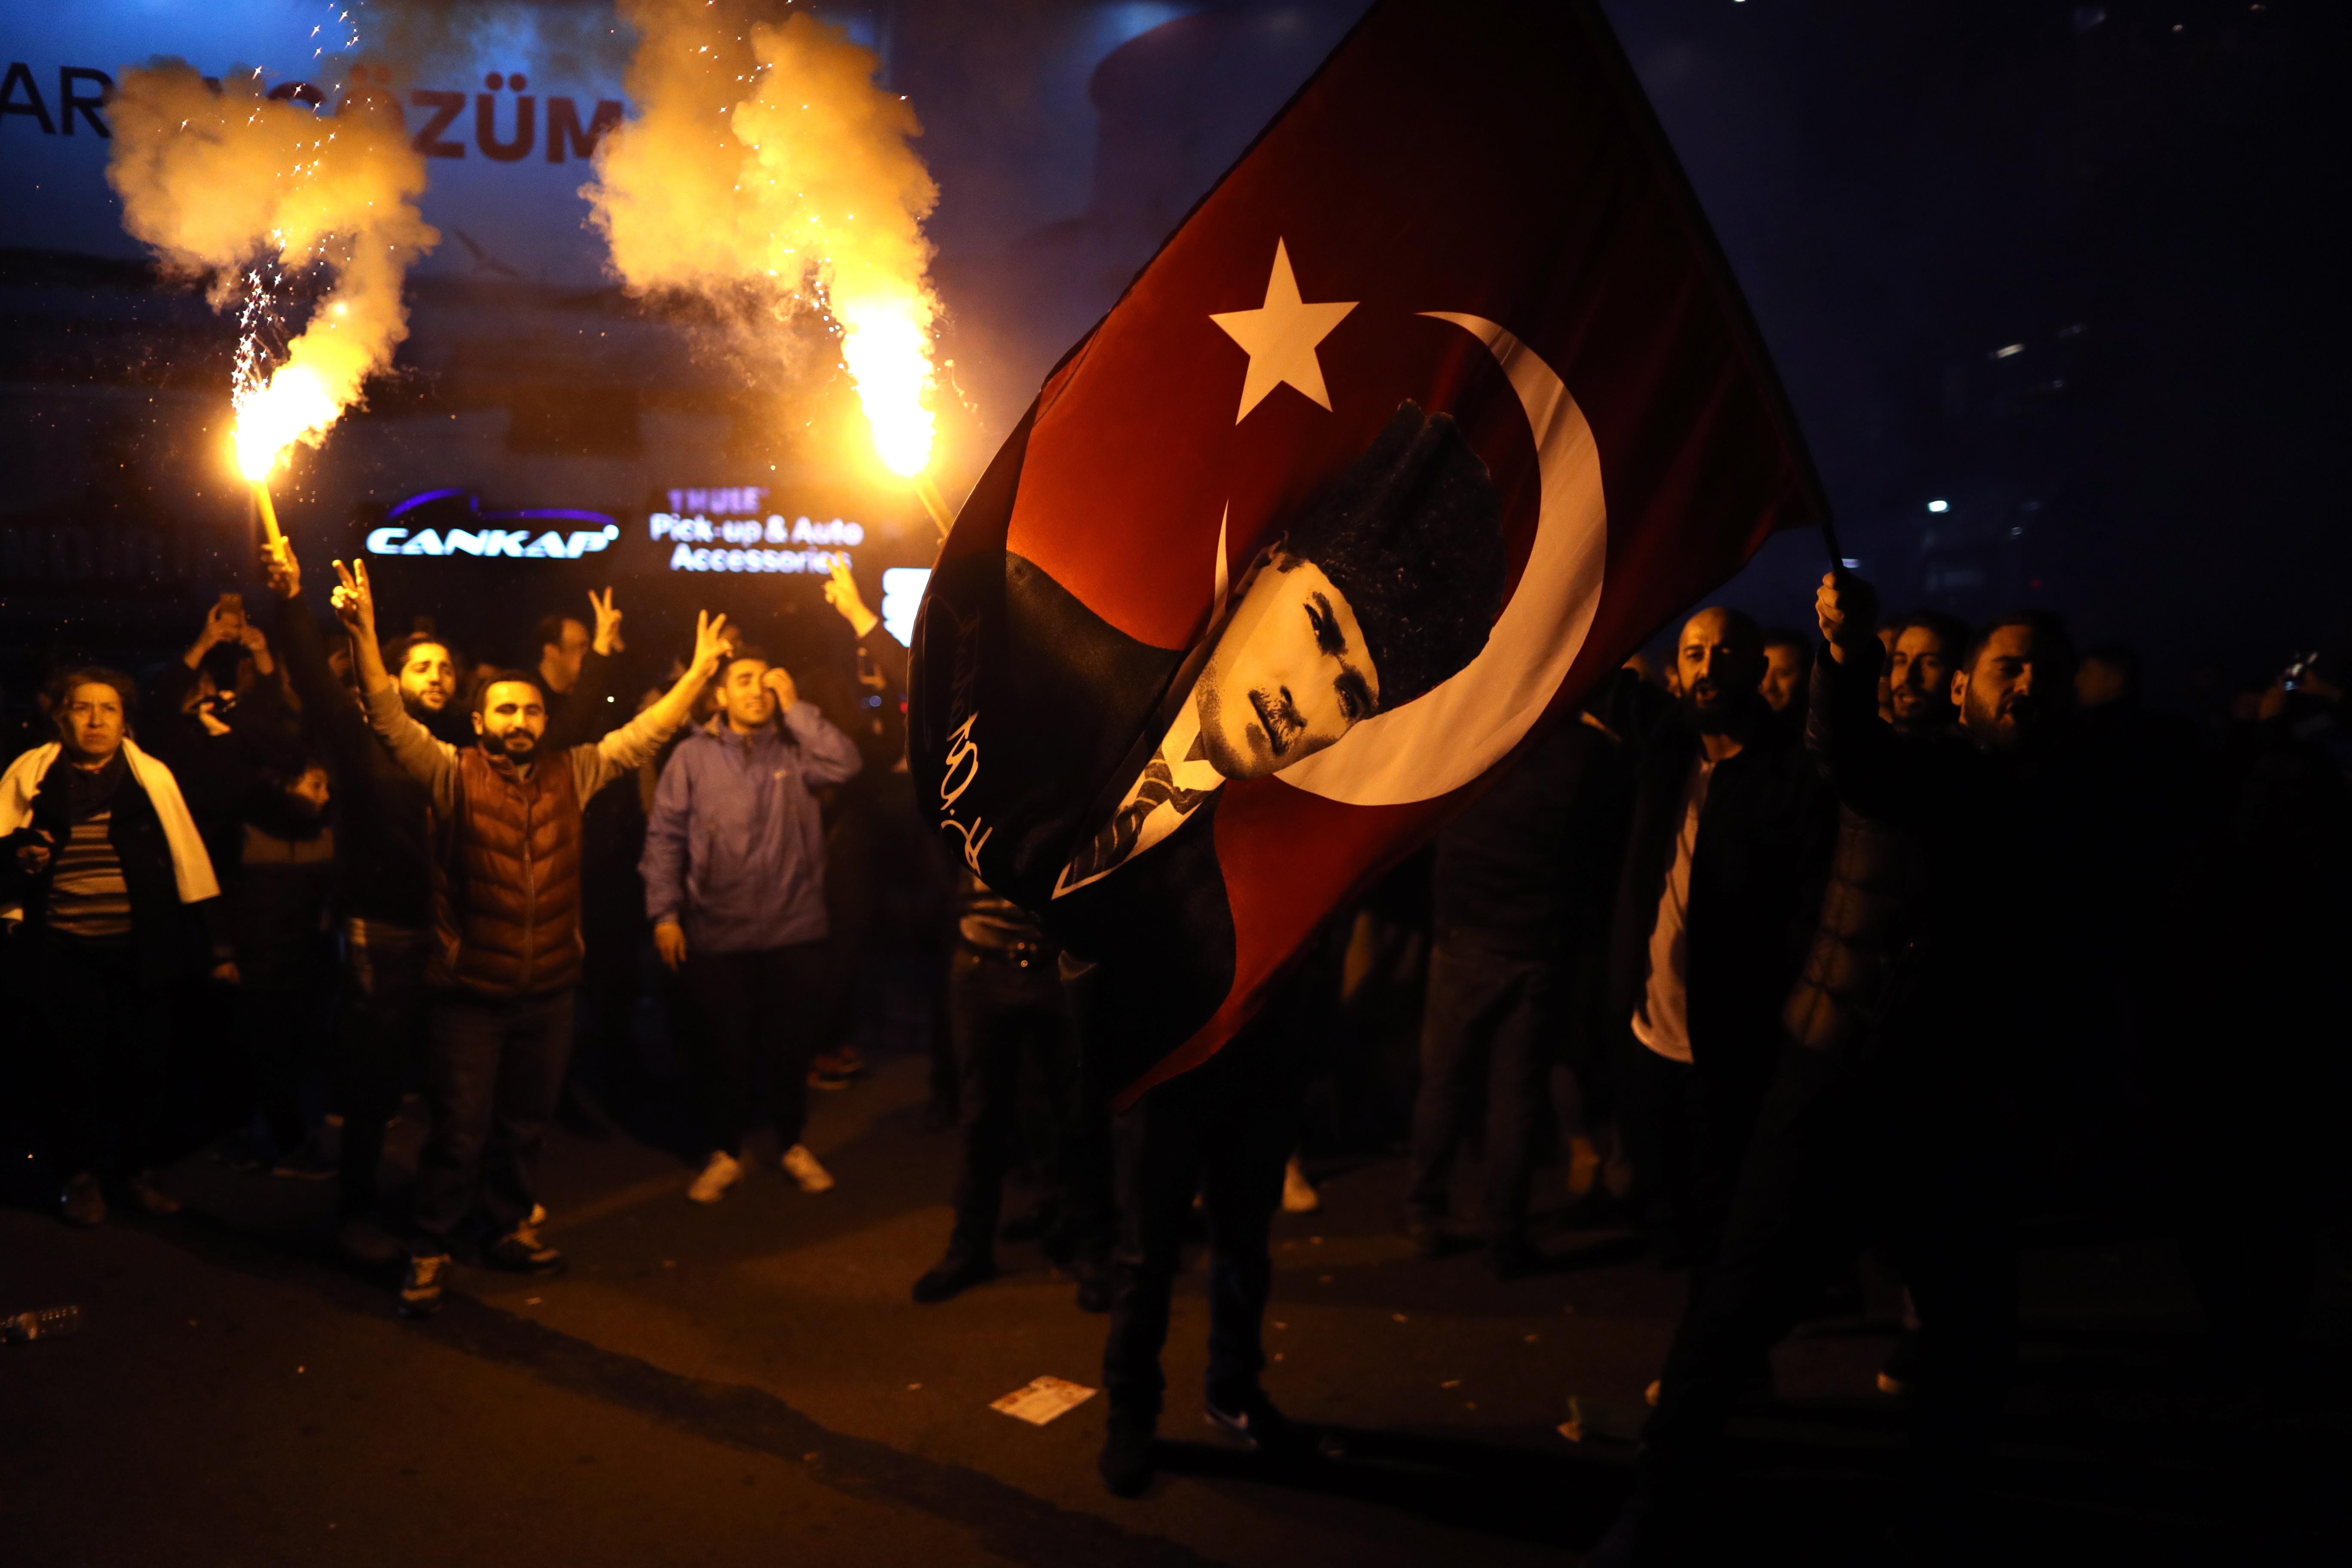 Реджеп Тайип Ердоган претърпя тежък неуспех, след като за първи път насам партията му загуби контрол над столицата Анкара